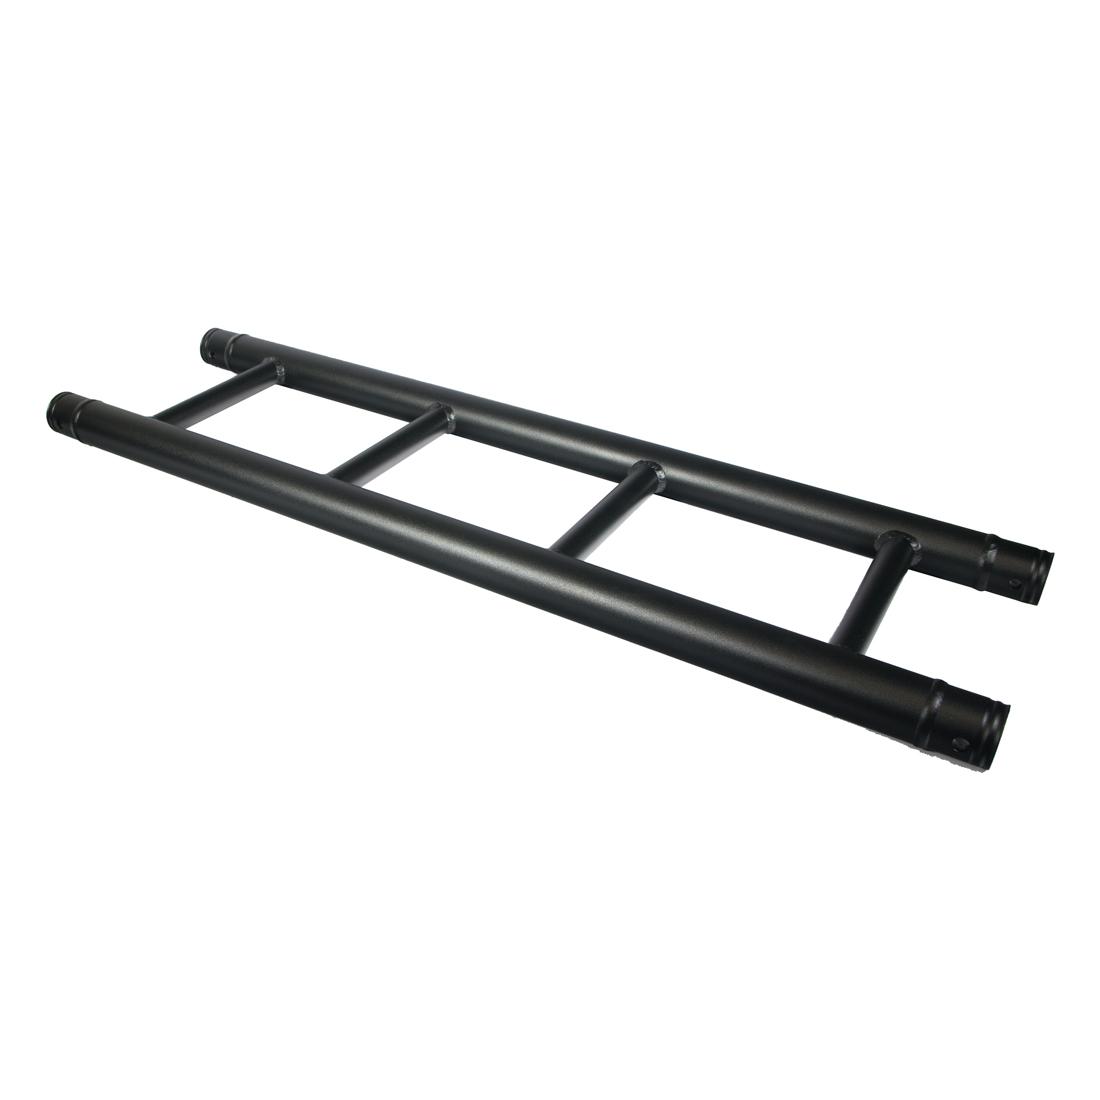 DT 32/3-100 LED Support Black